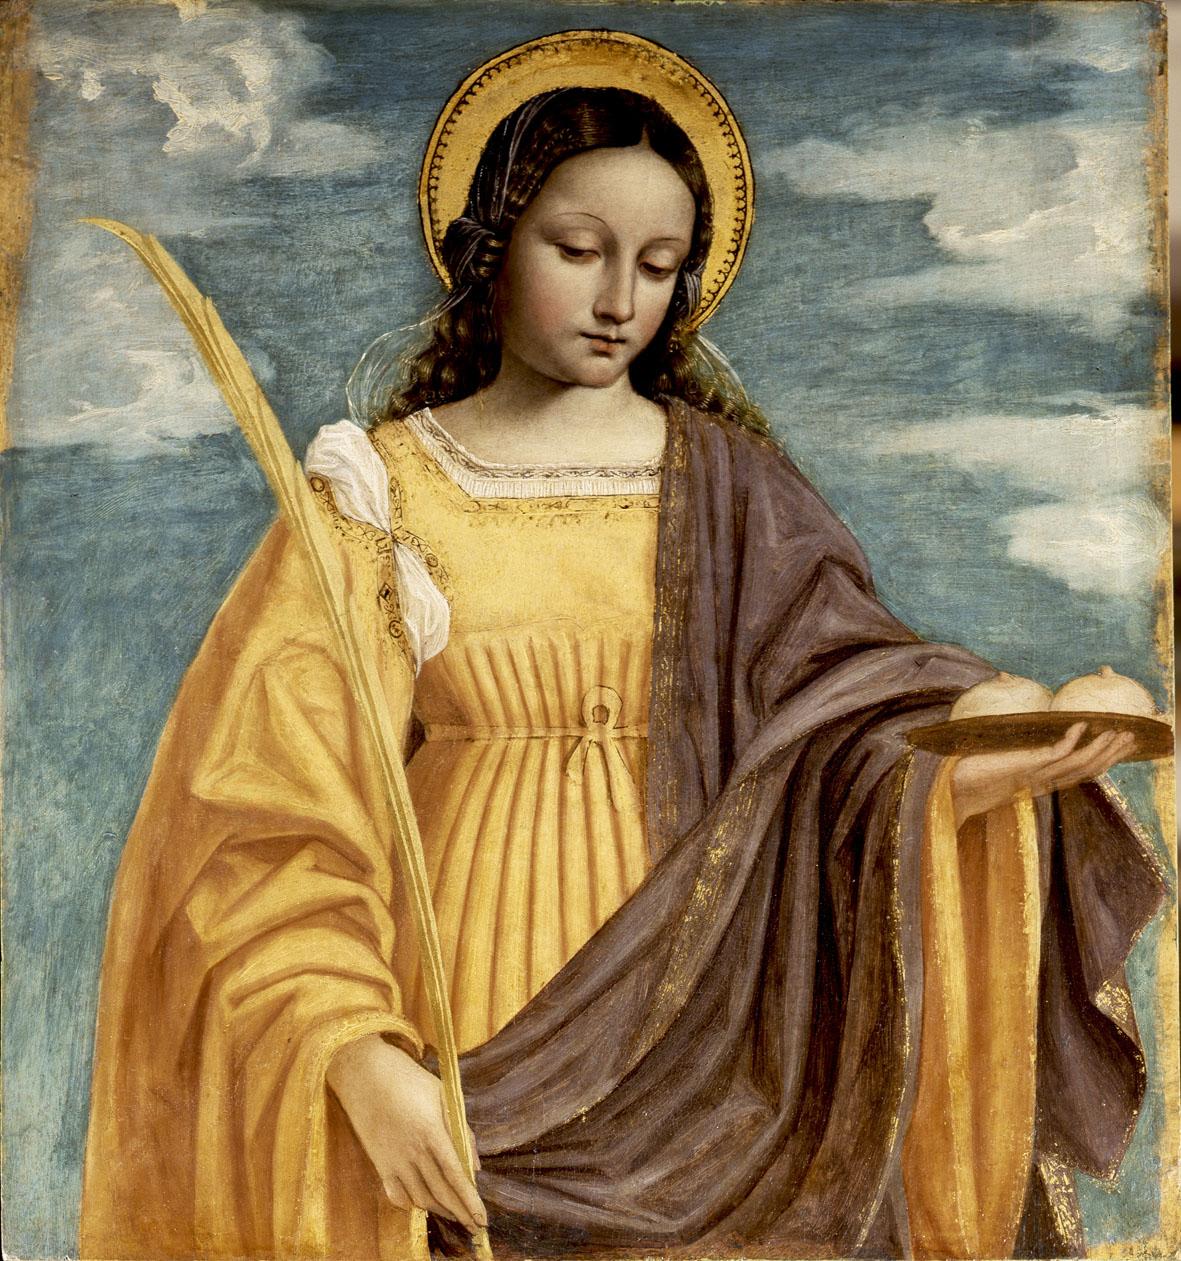 Icoon van de heilige Agatha met haar borsten op een schaal.